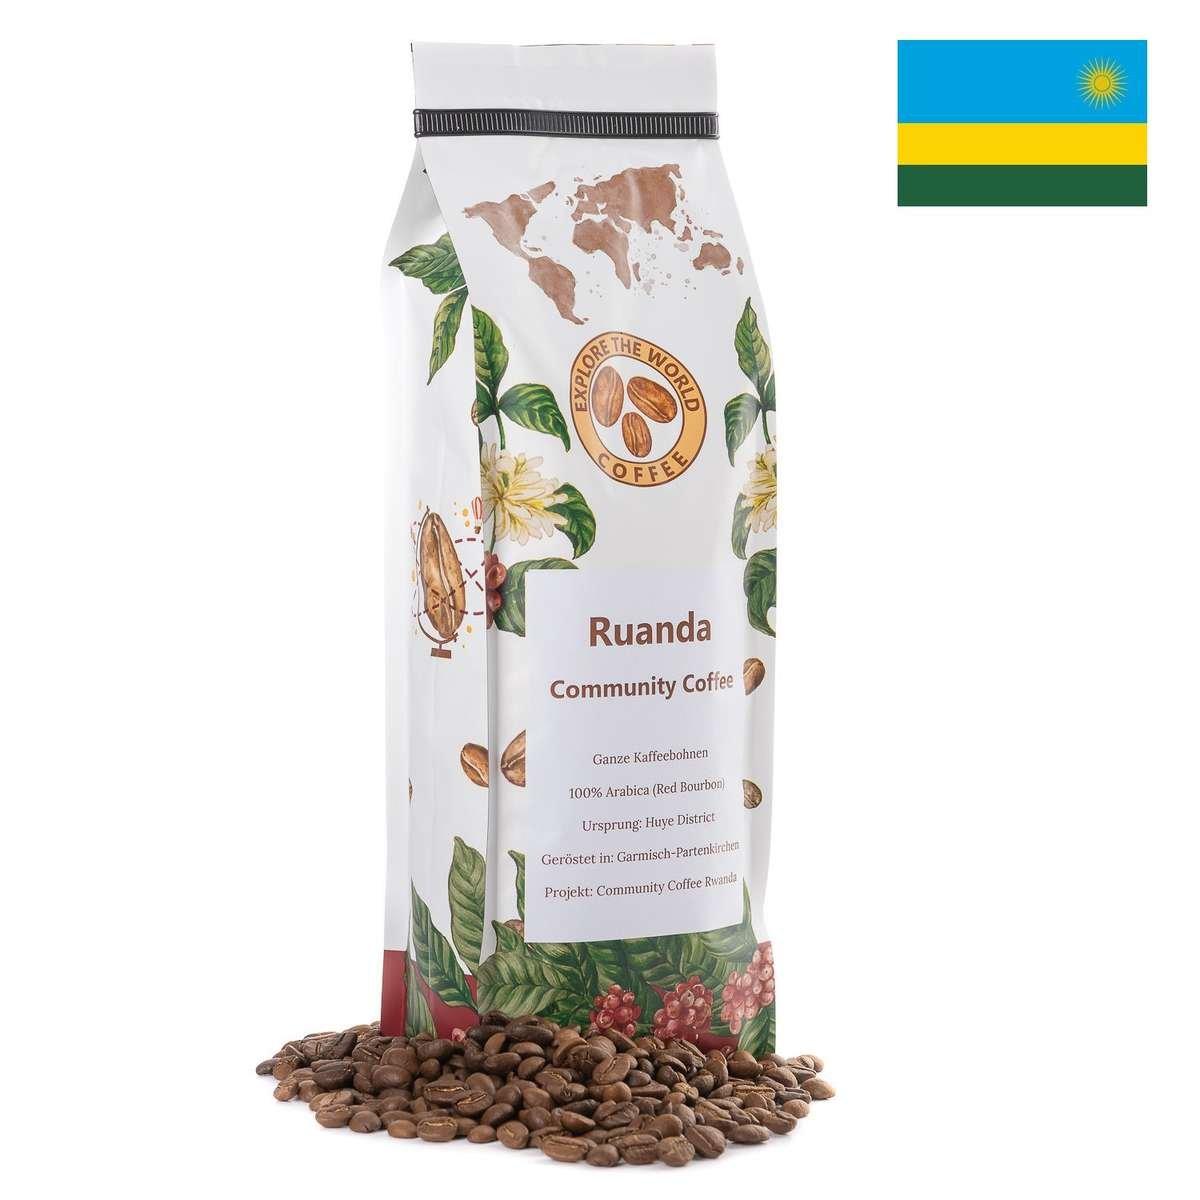 Kaffee aus Ruanda kaufen. Ruandischer und Afrikanische Kaffeespezialität online bestellen.